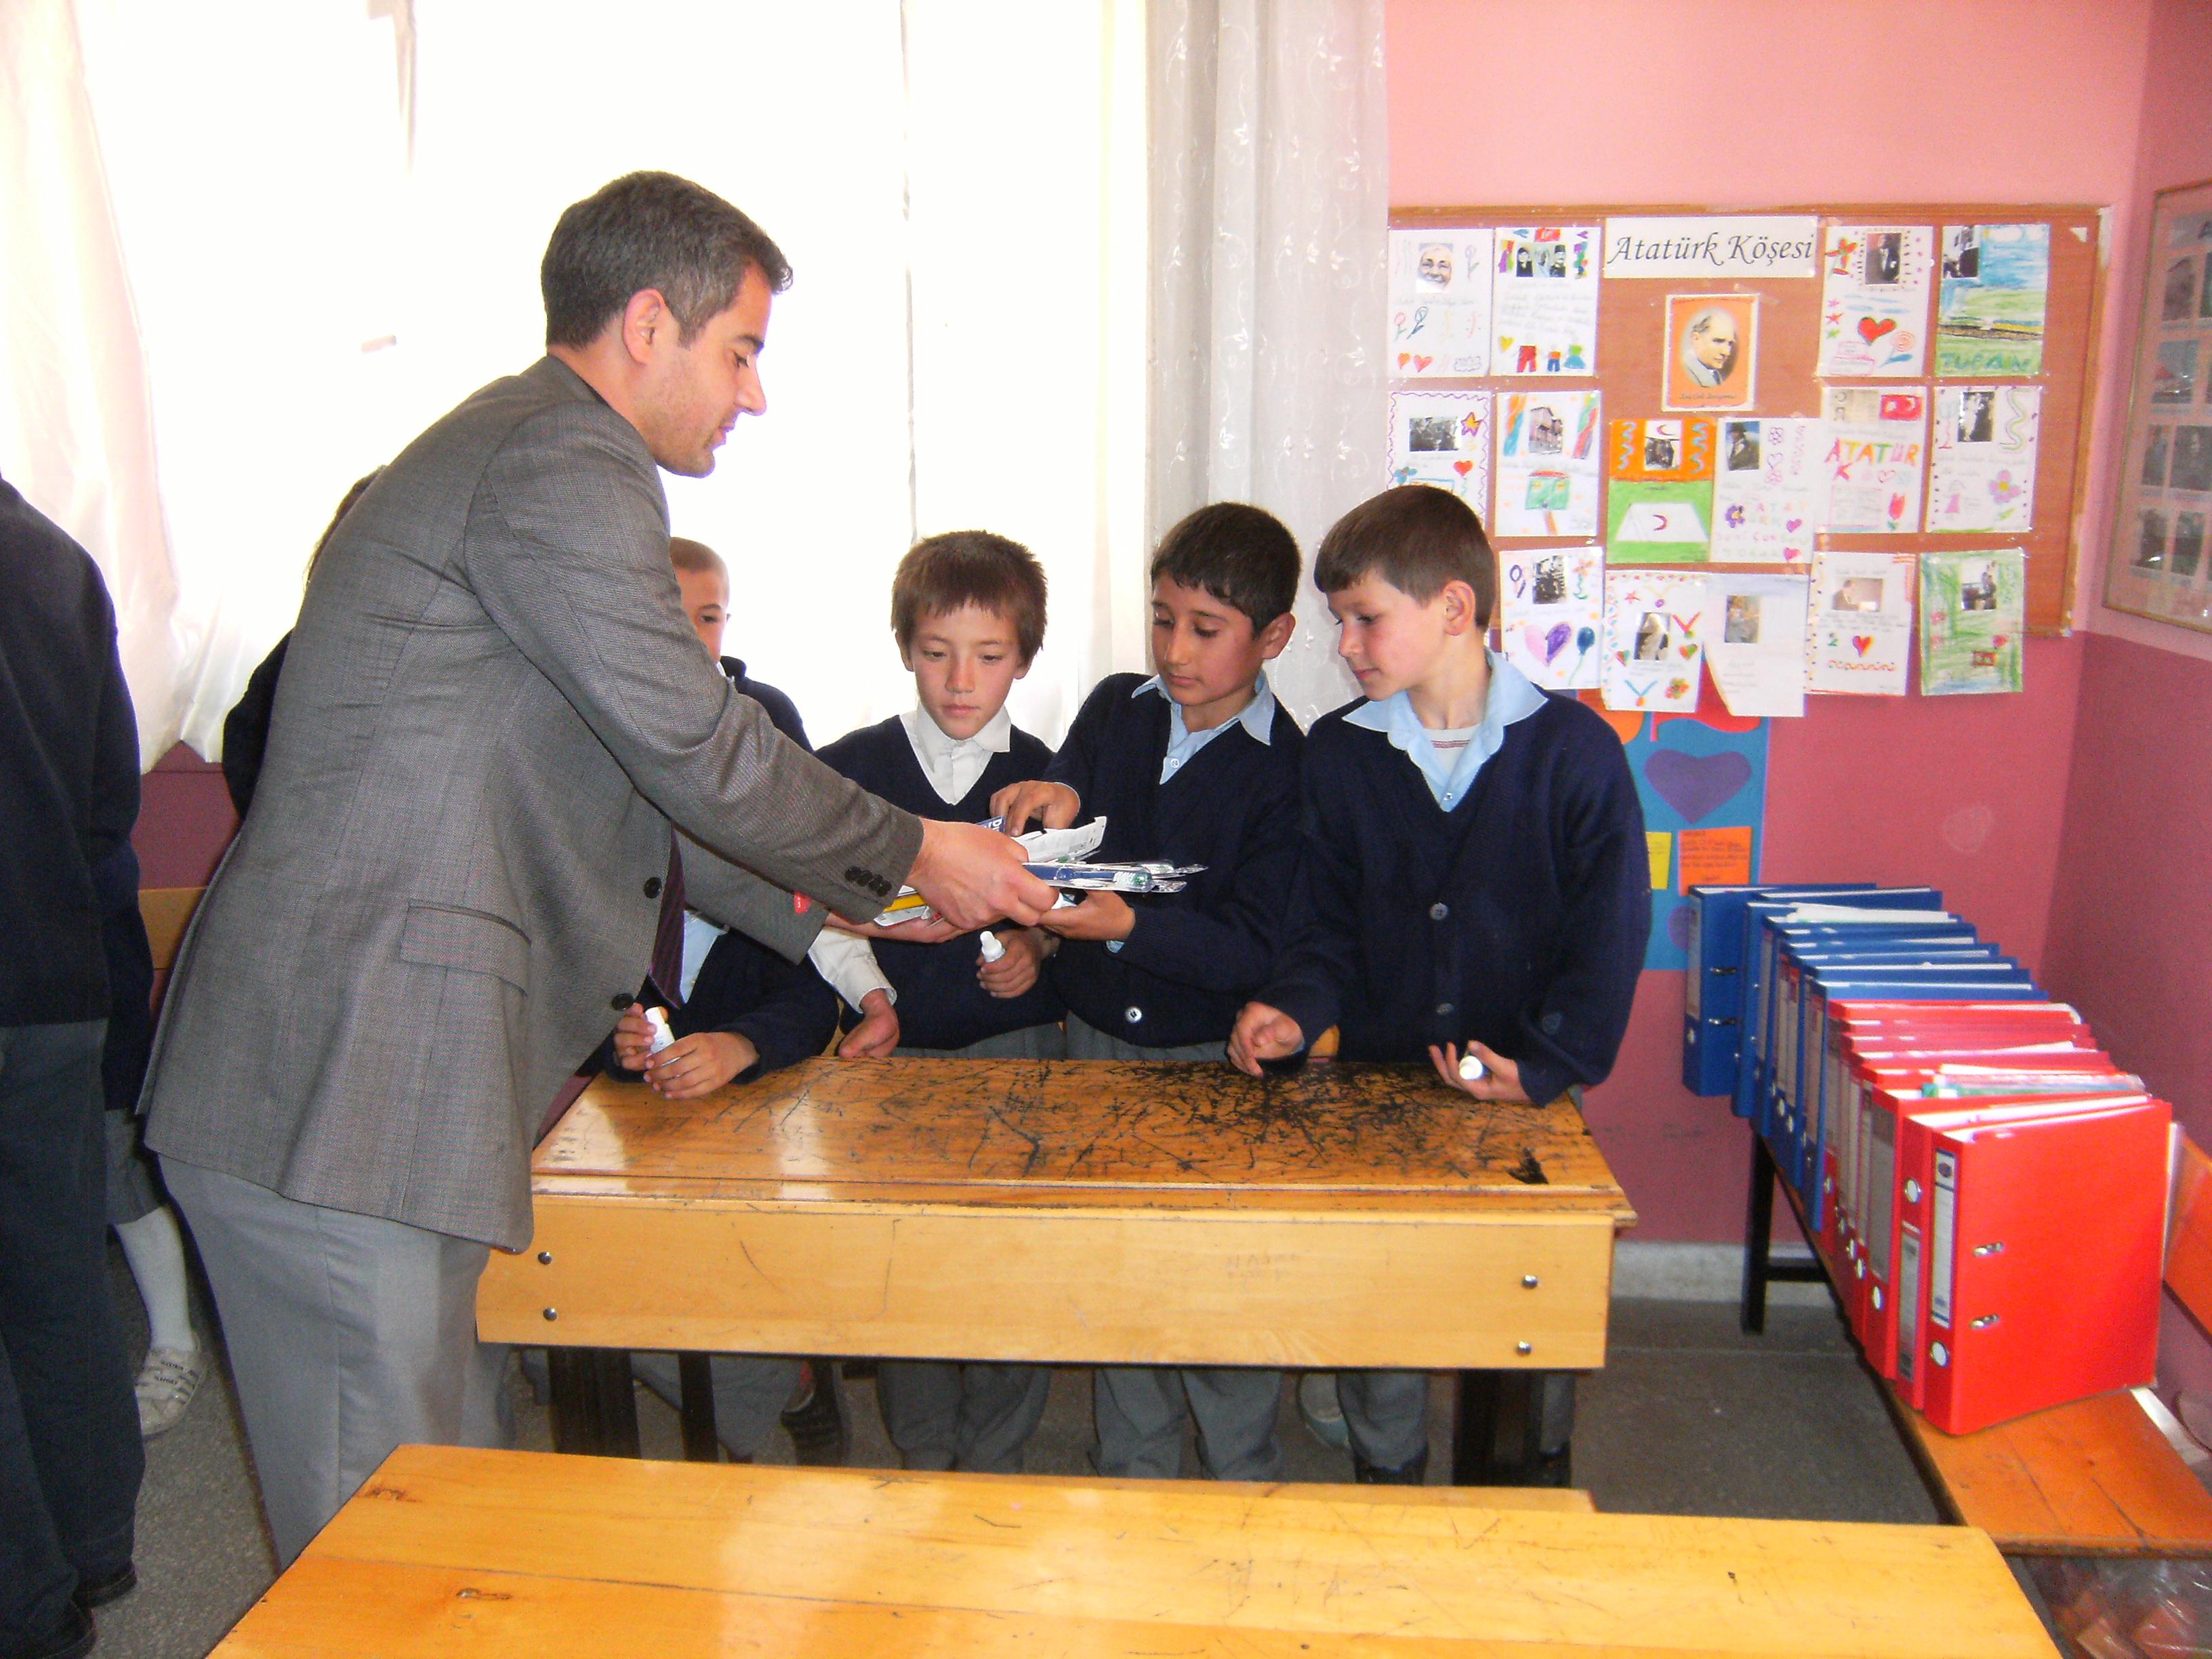 Değirmençay İlköğretim Okulu